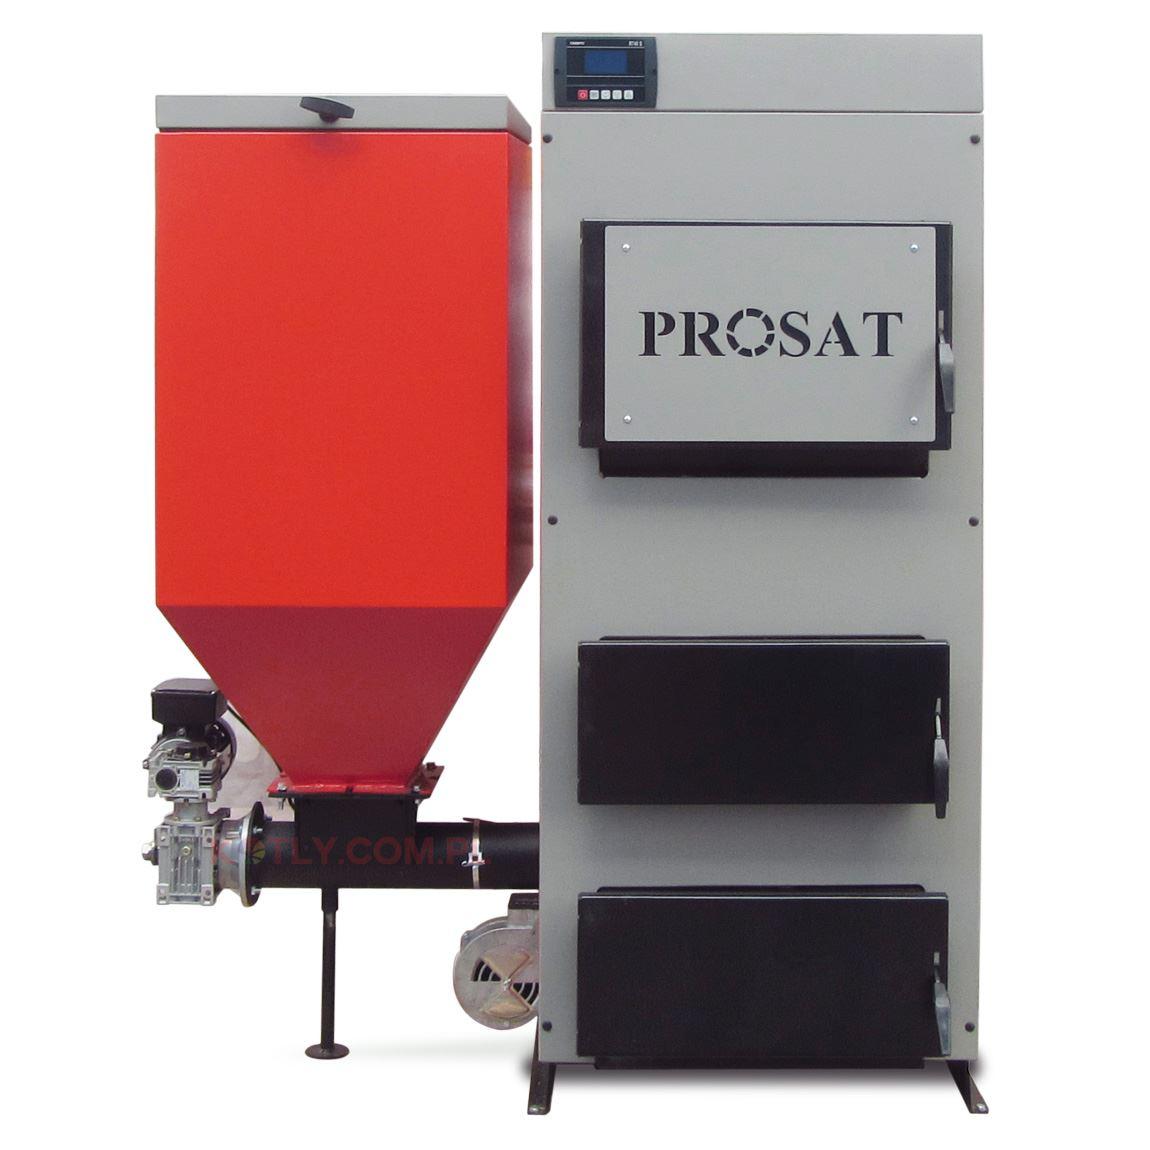 Kocioł z podajnikiem PROSAT 66 kW